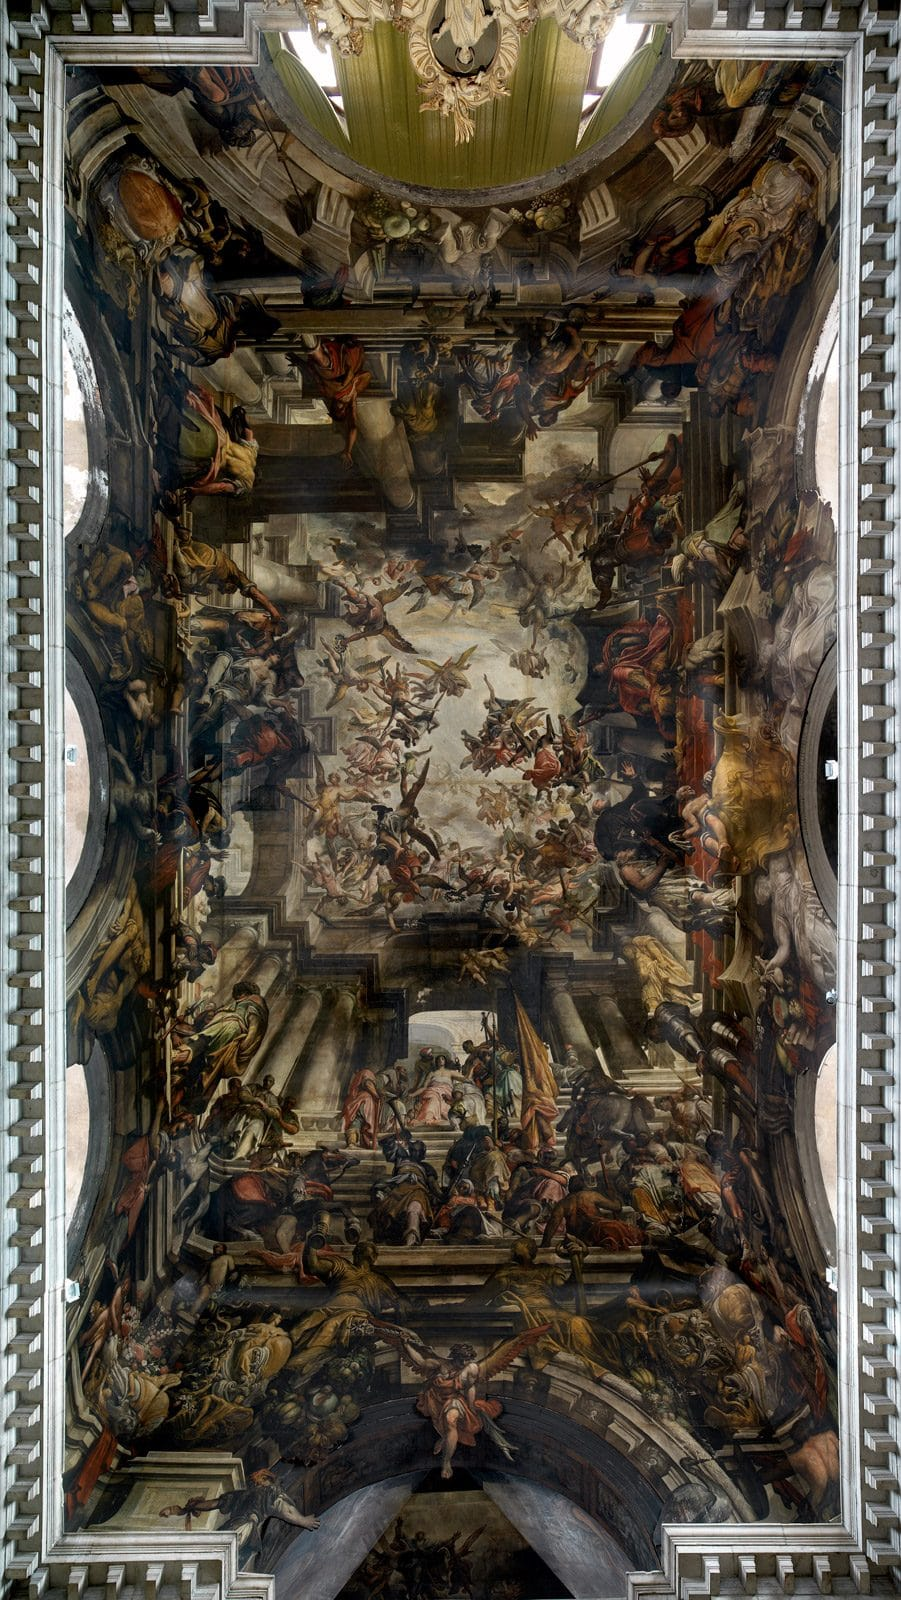 Martirio e gloria di san Pantaleone (1684-1706) Giovanni Antonio Fumiani olio su tela - © sanpantalon.it